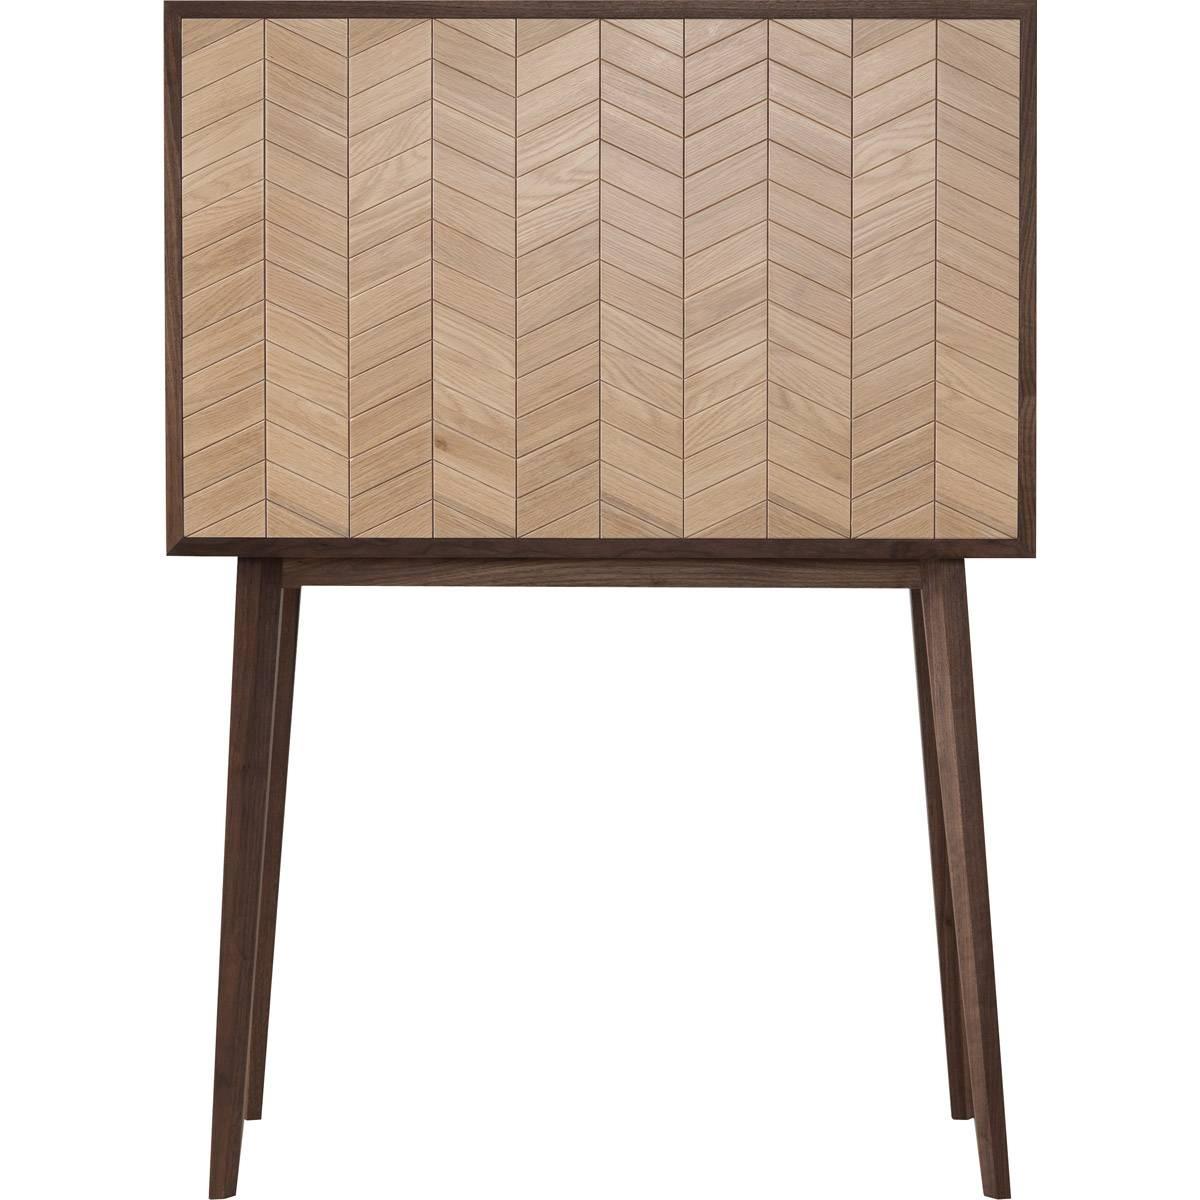 Mister Bar/sideboard/desk | Wewood | Horne Intended For Desk Sideboard (#15 of 20)